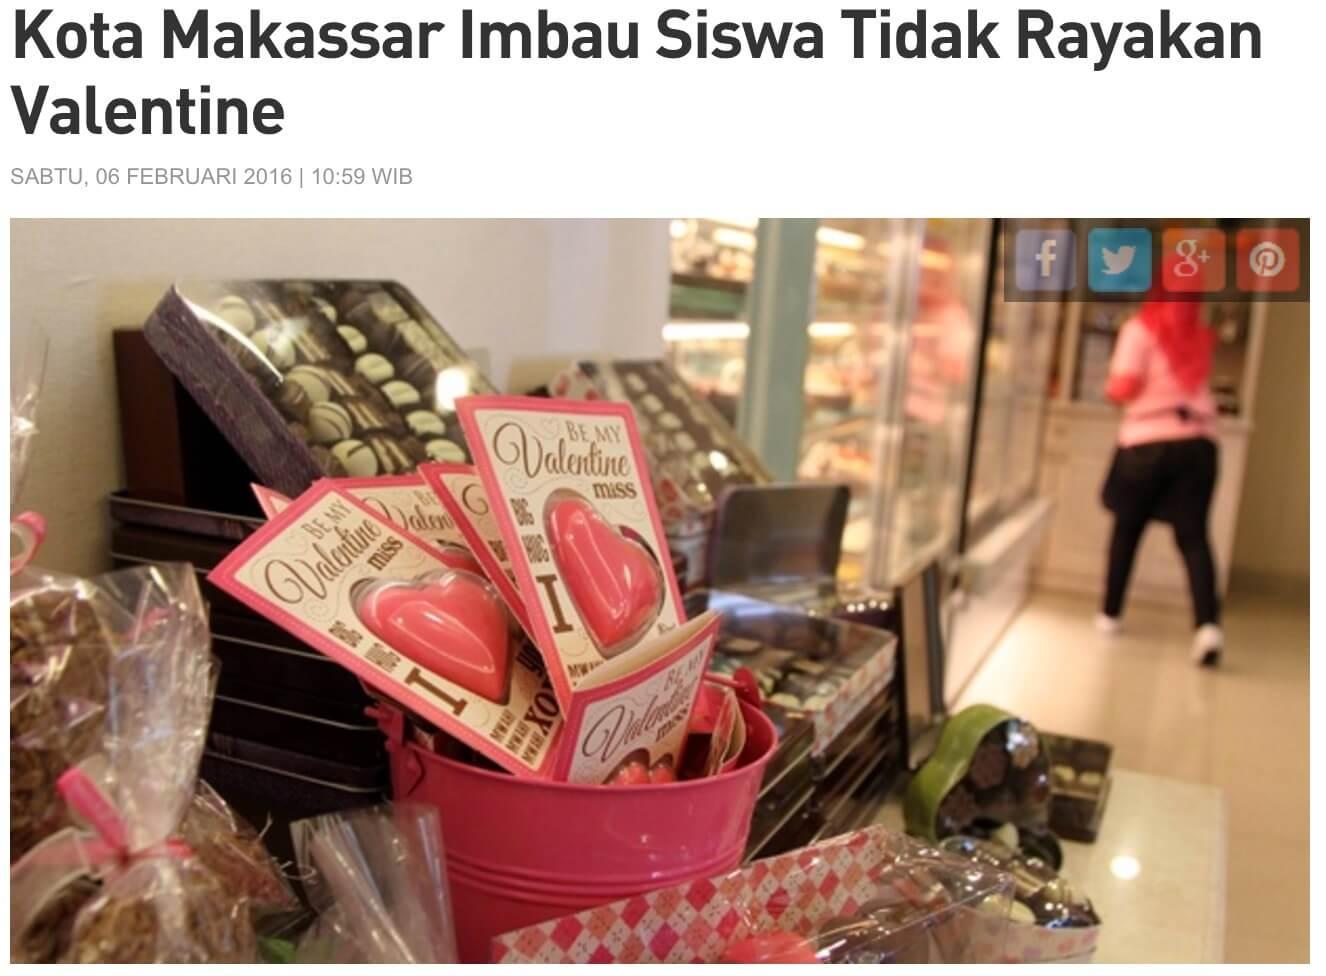 インドネシアのバレンタイン 禁止 マカッサル 雑誌 Tempo